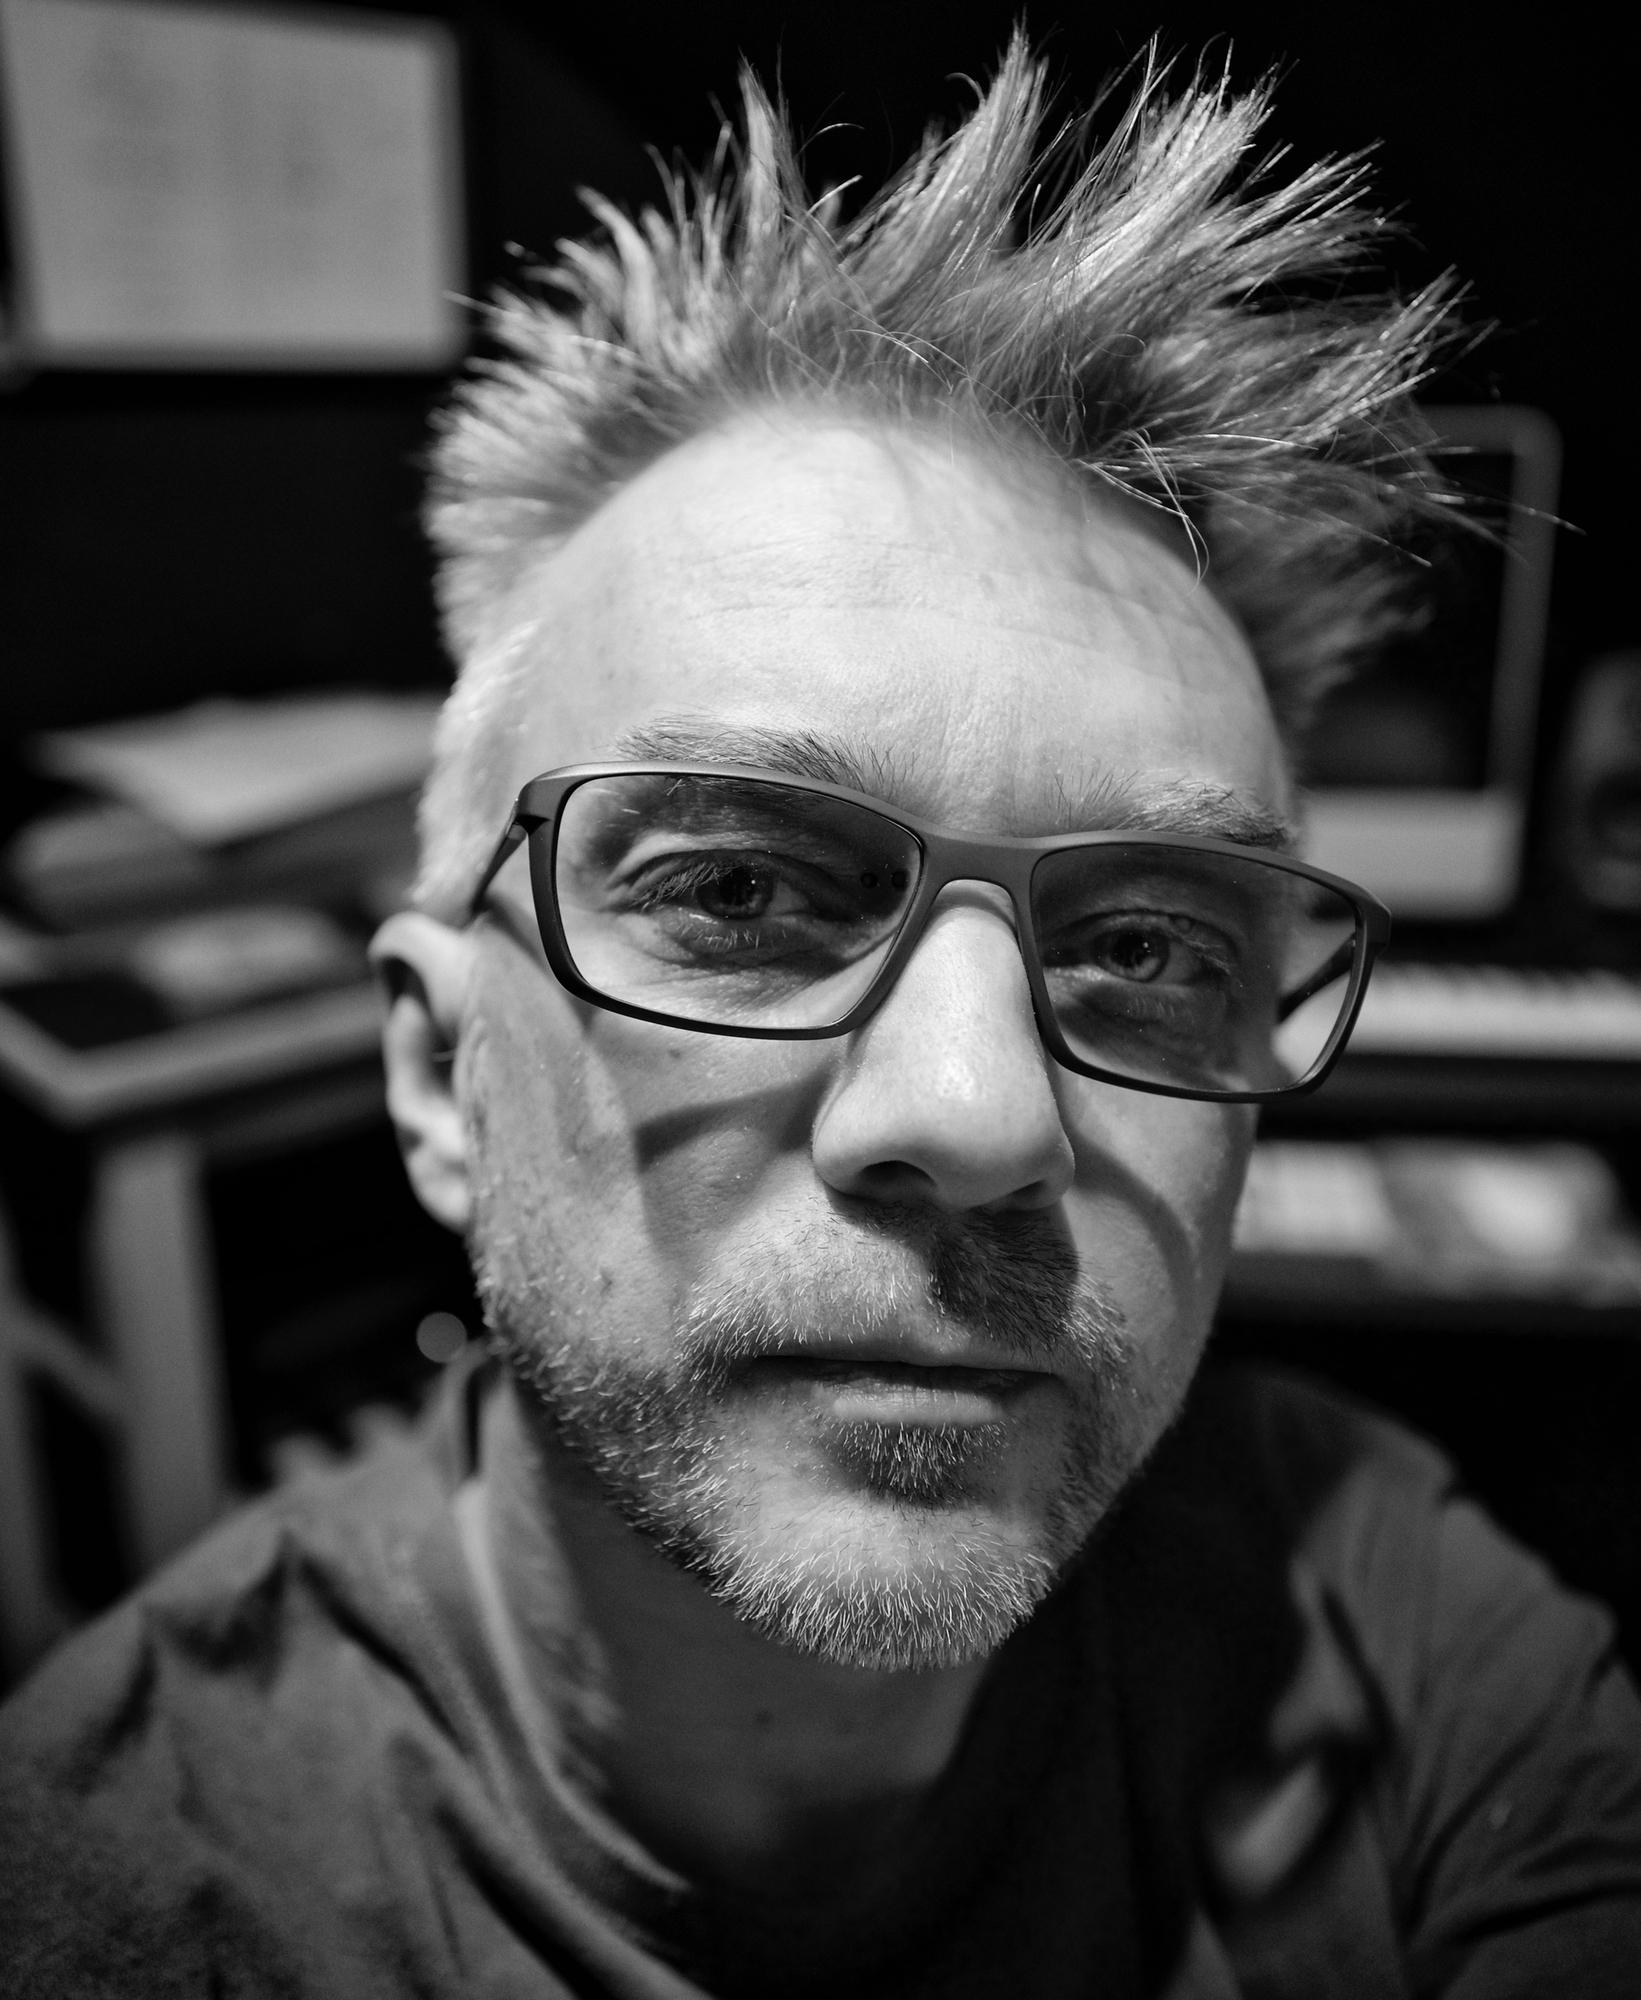 2015 m. man išrašė akinius